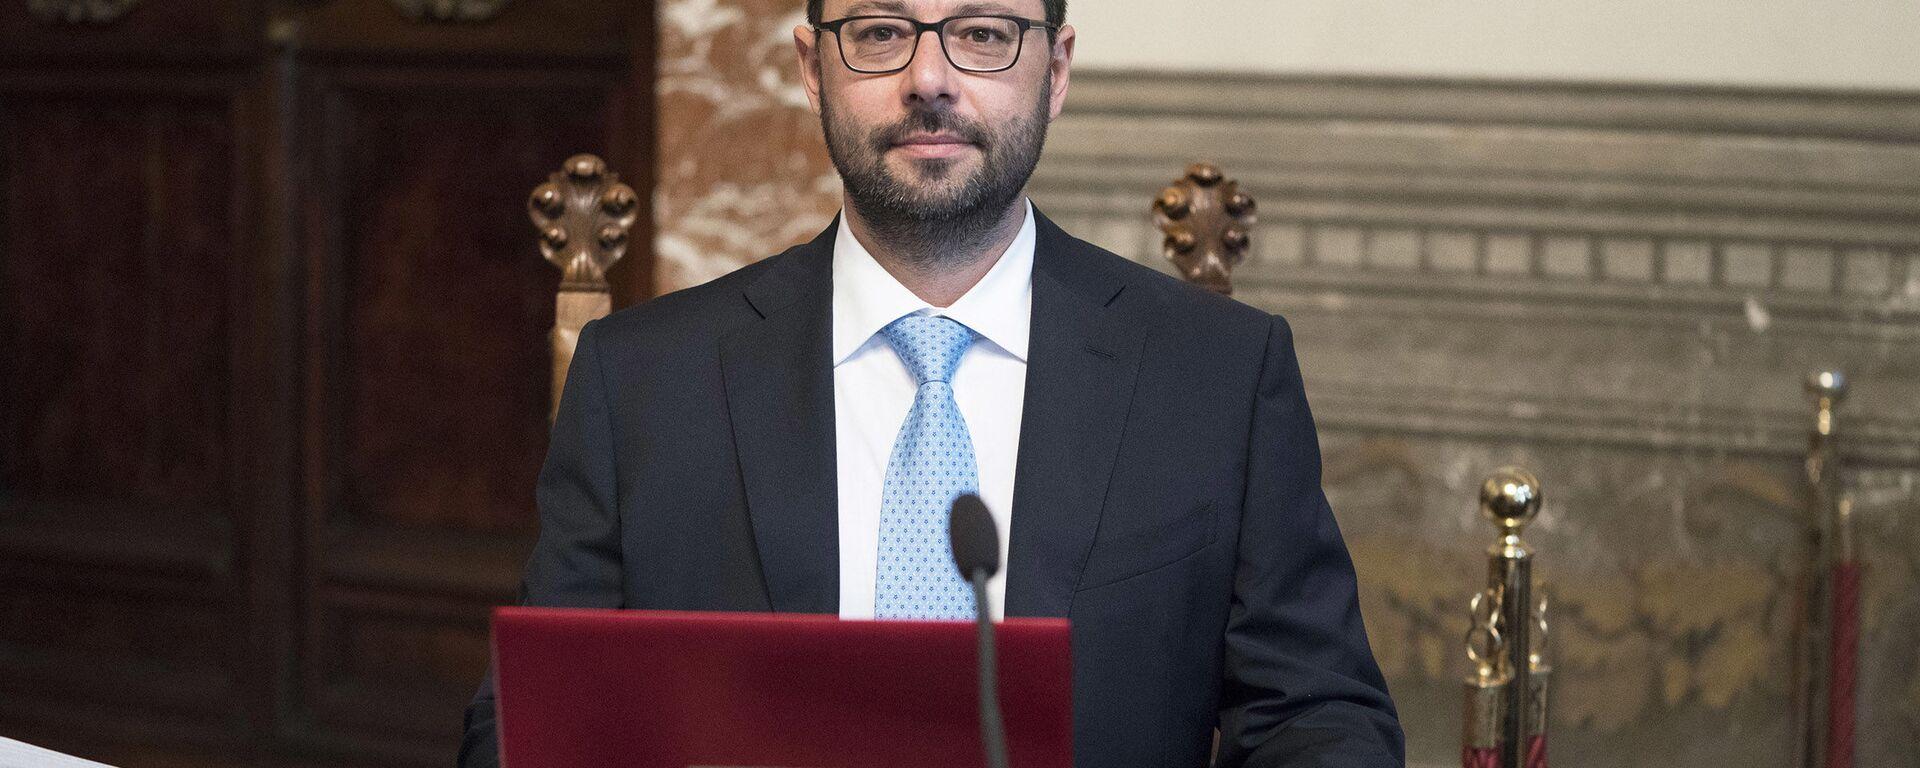 Il Ministro dello Sviluppo Economico, Stefano Patuanelli - Sputnik Italia, 1920, 15.09.2021